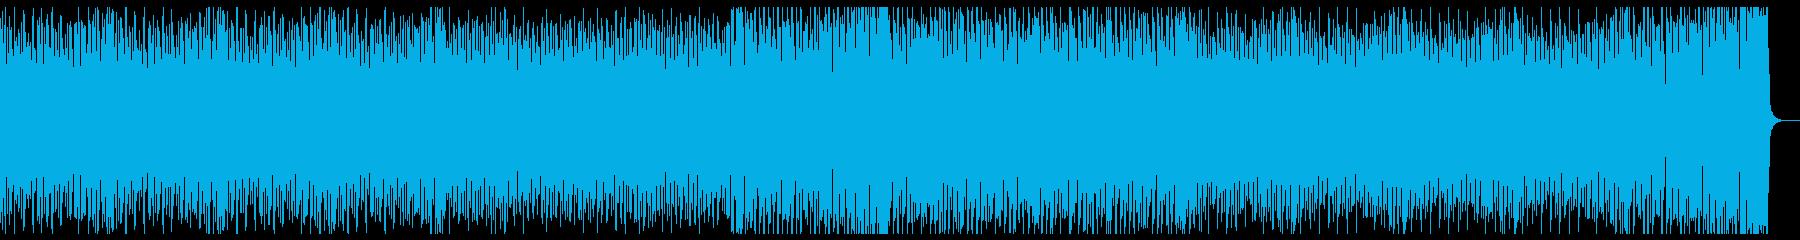 疾走感のある4つ打ち曲の再生済みの波形